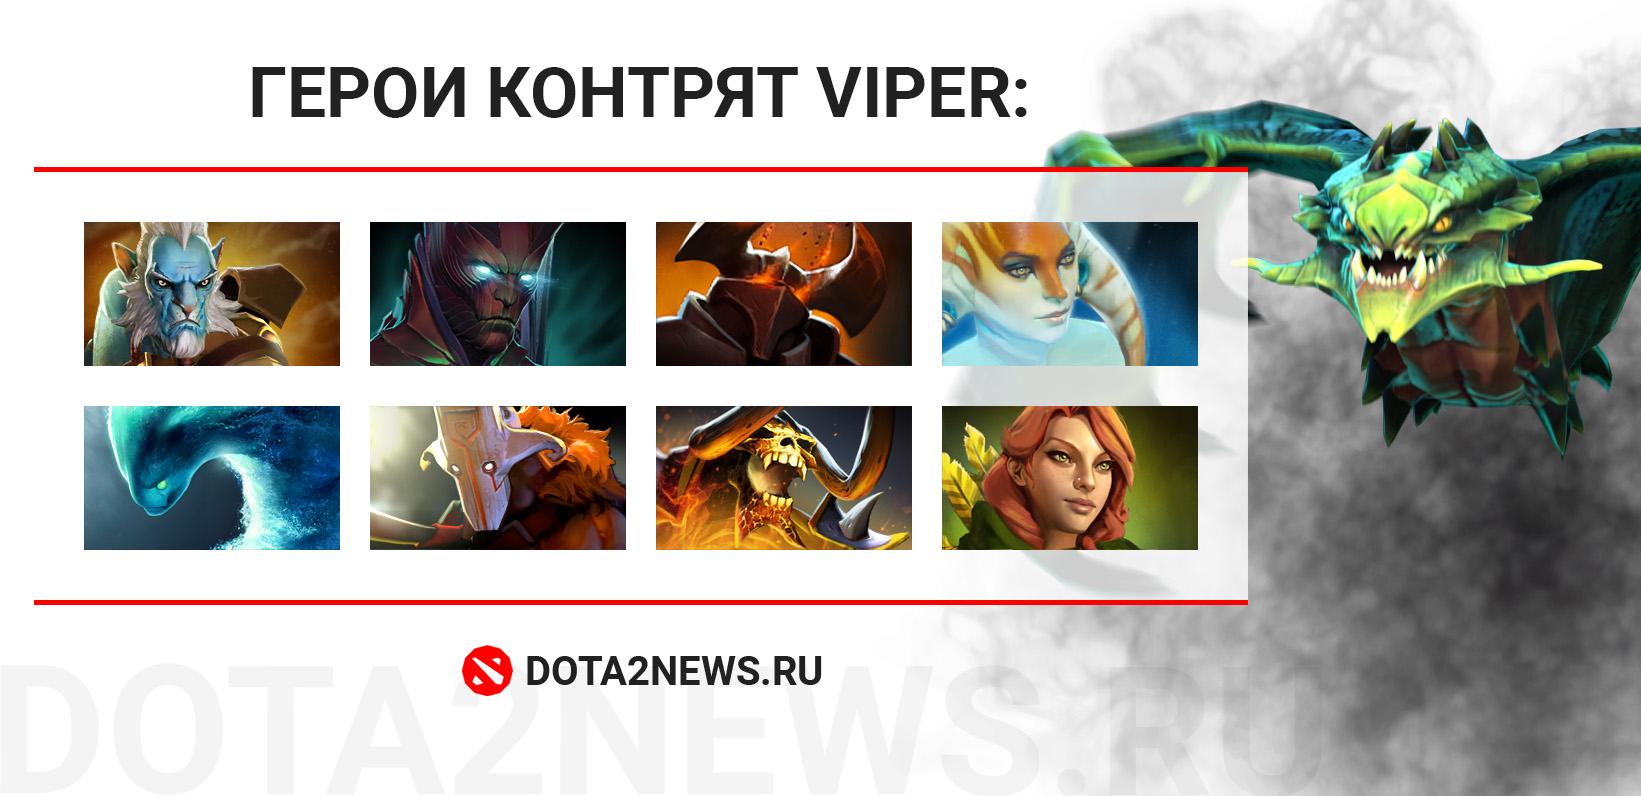 Кто контрит Viper в Dota 2